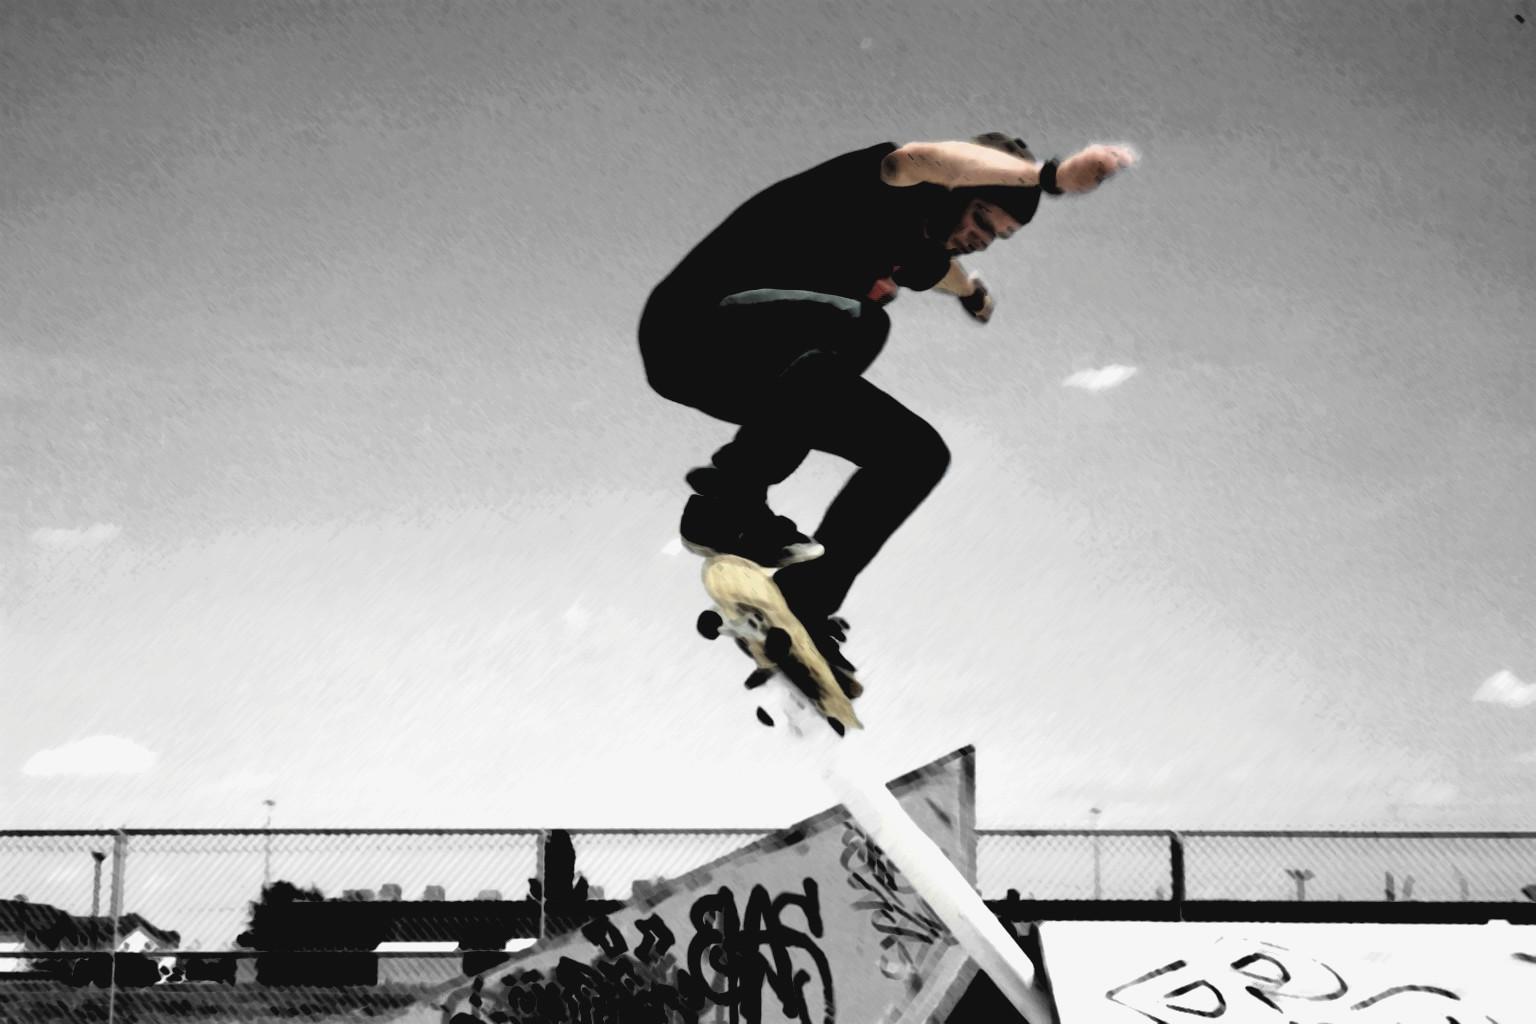 Skateboarder Girl Skateboarding Wallpaper HD For Desktop